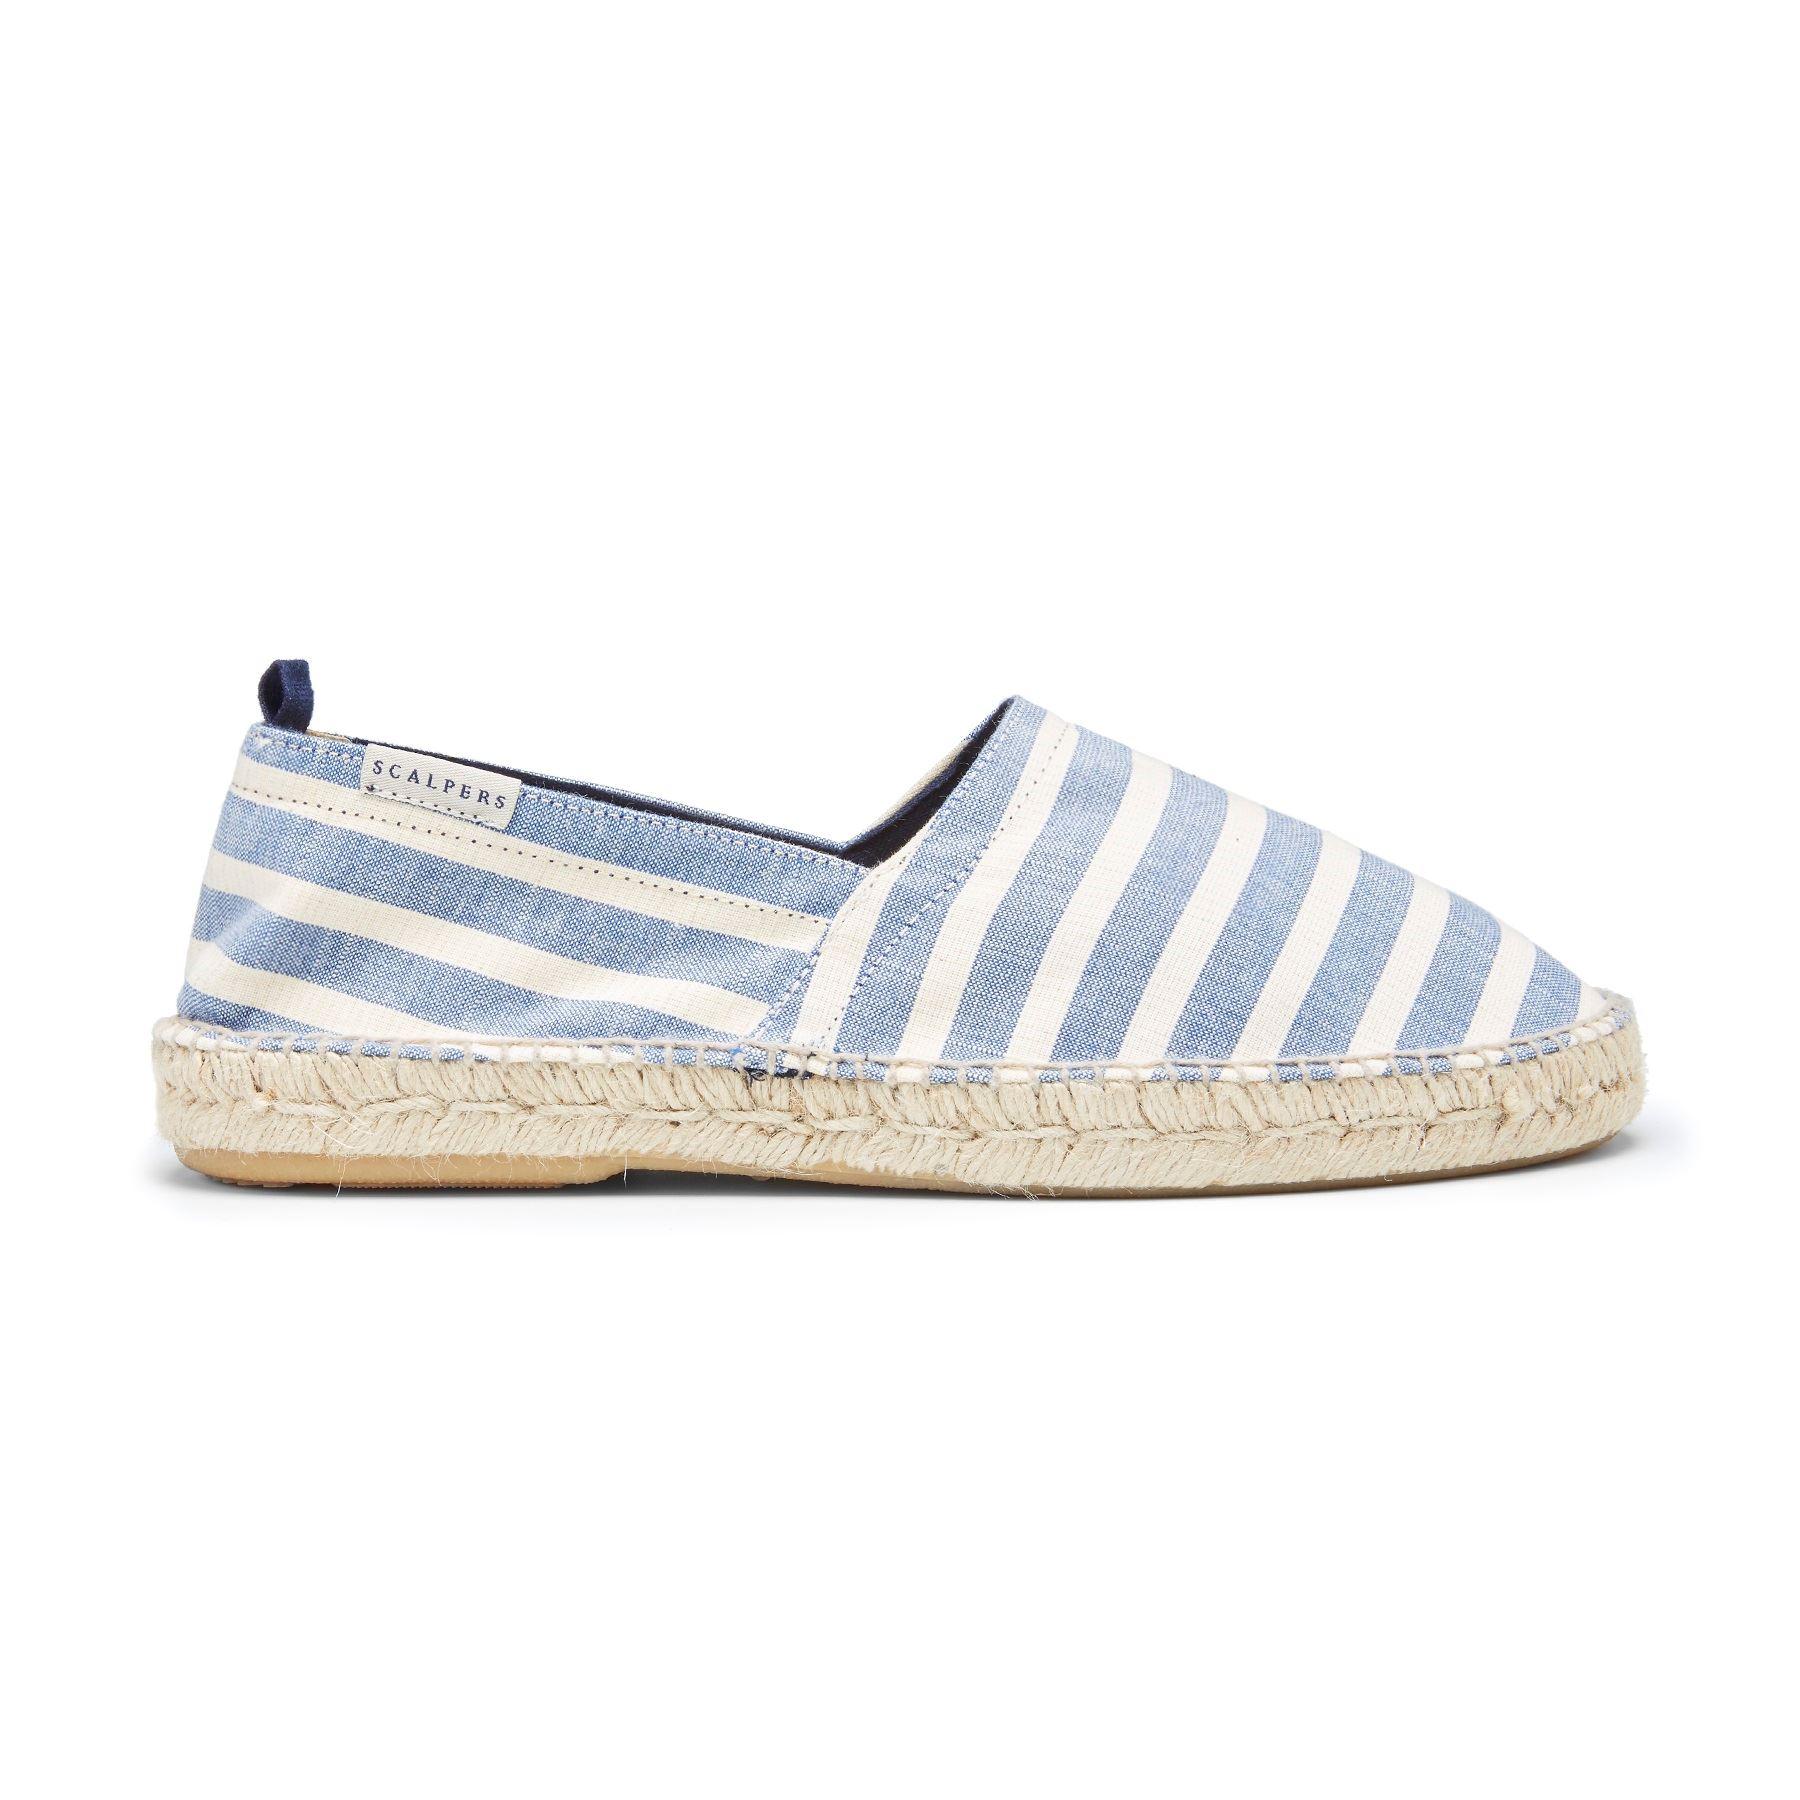 La • Zapatos Roca Village Verano OP8nwXZ0kN